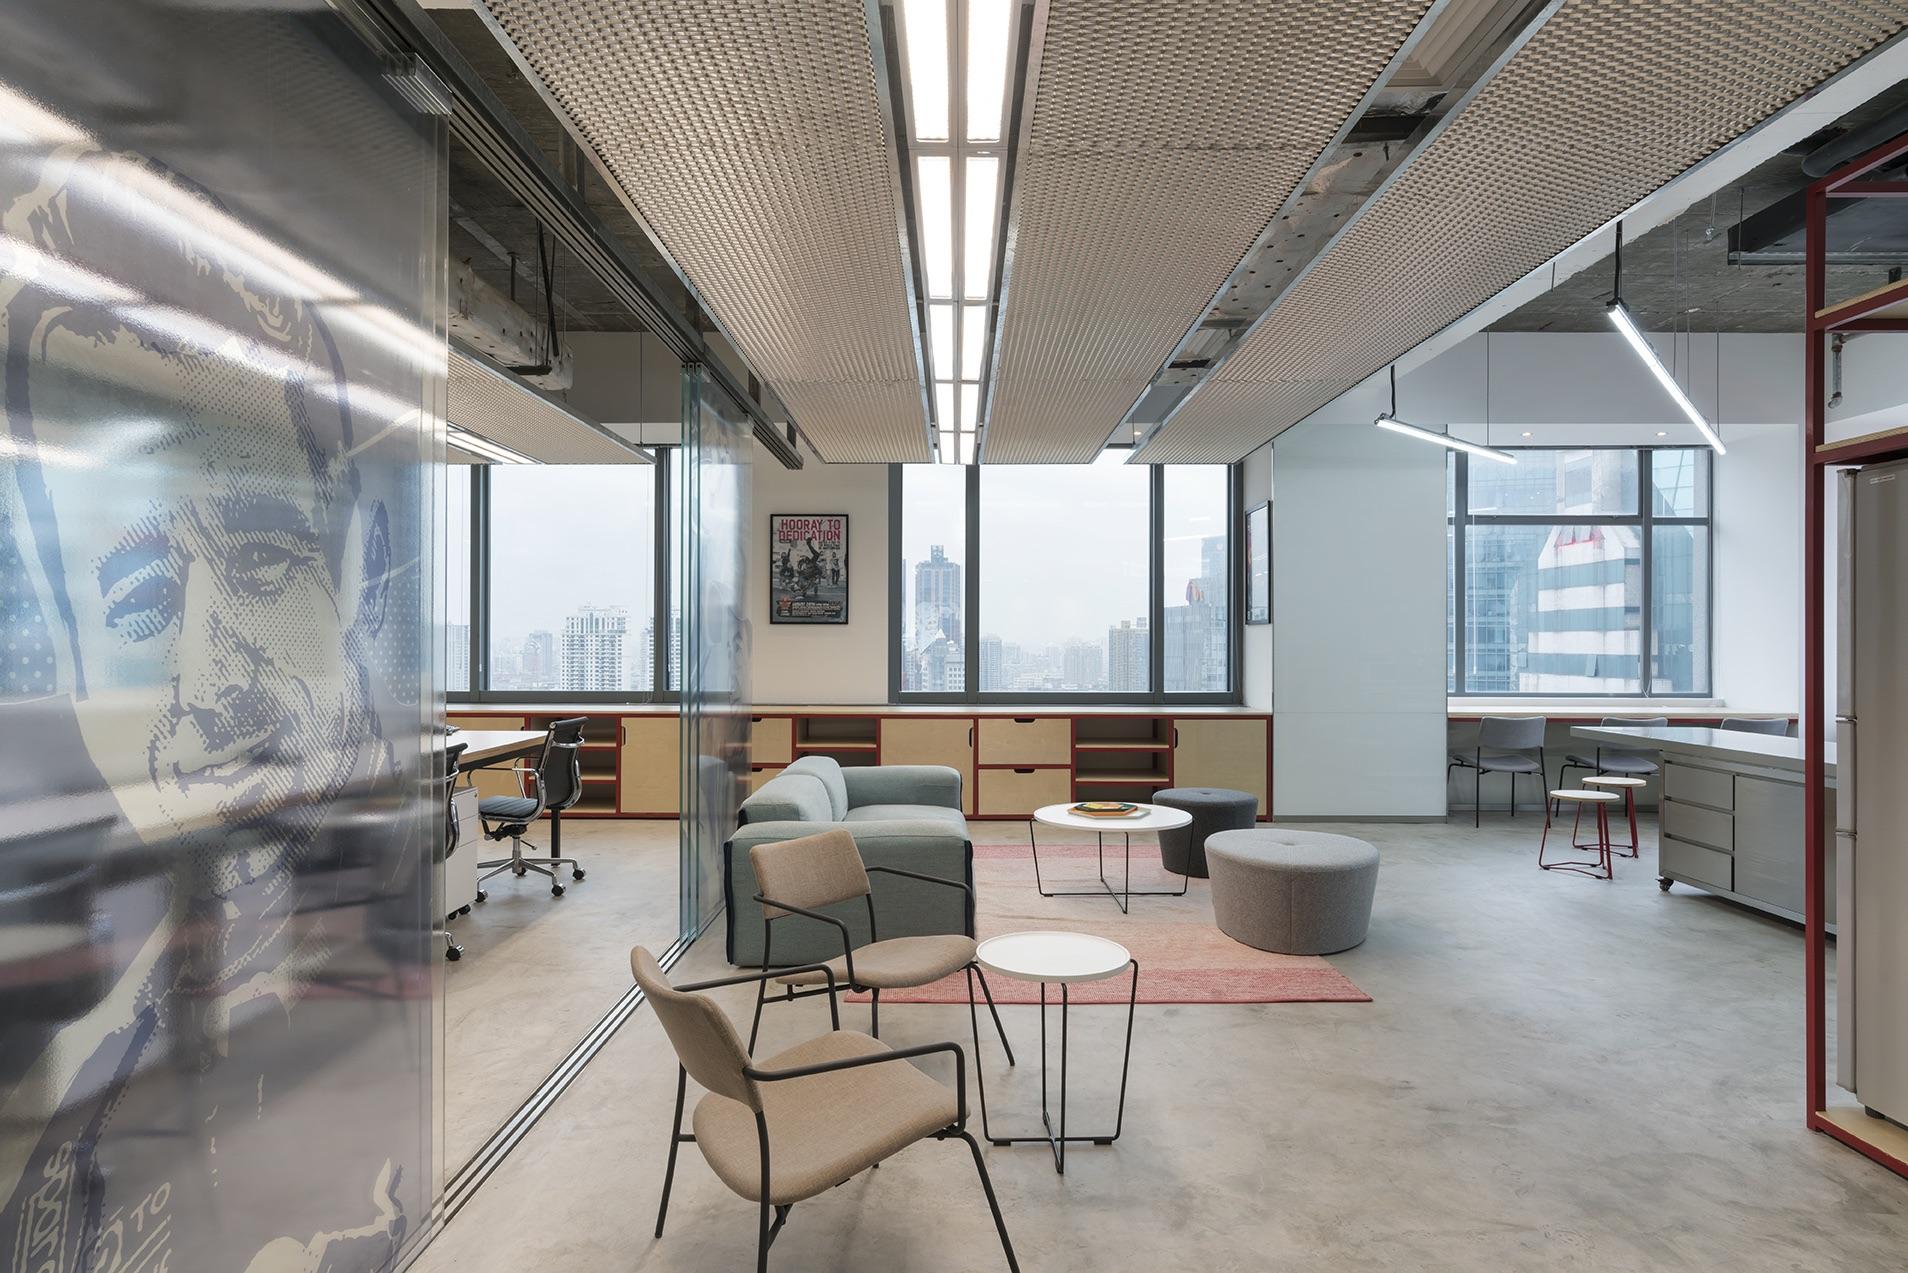 redbull-shanghai-office-3